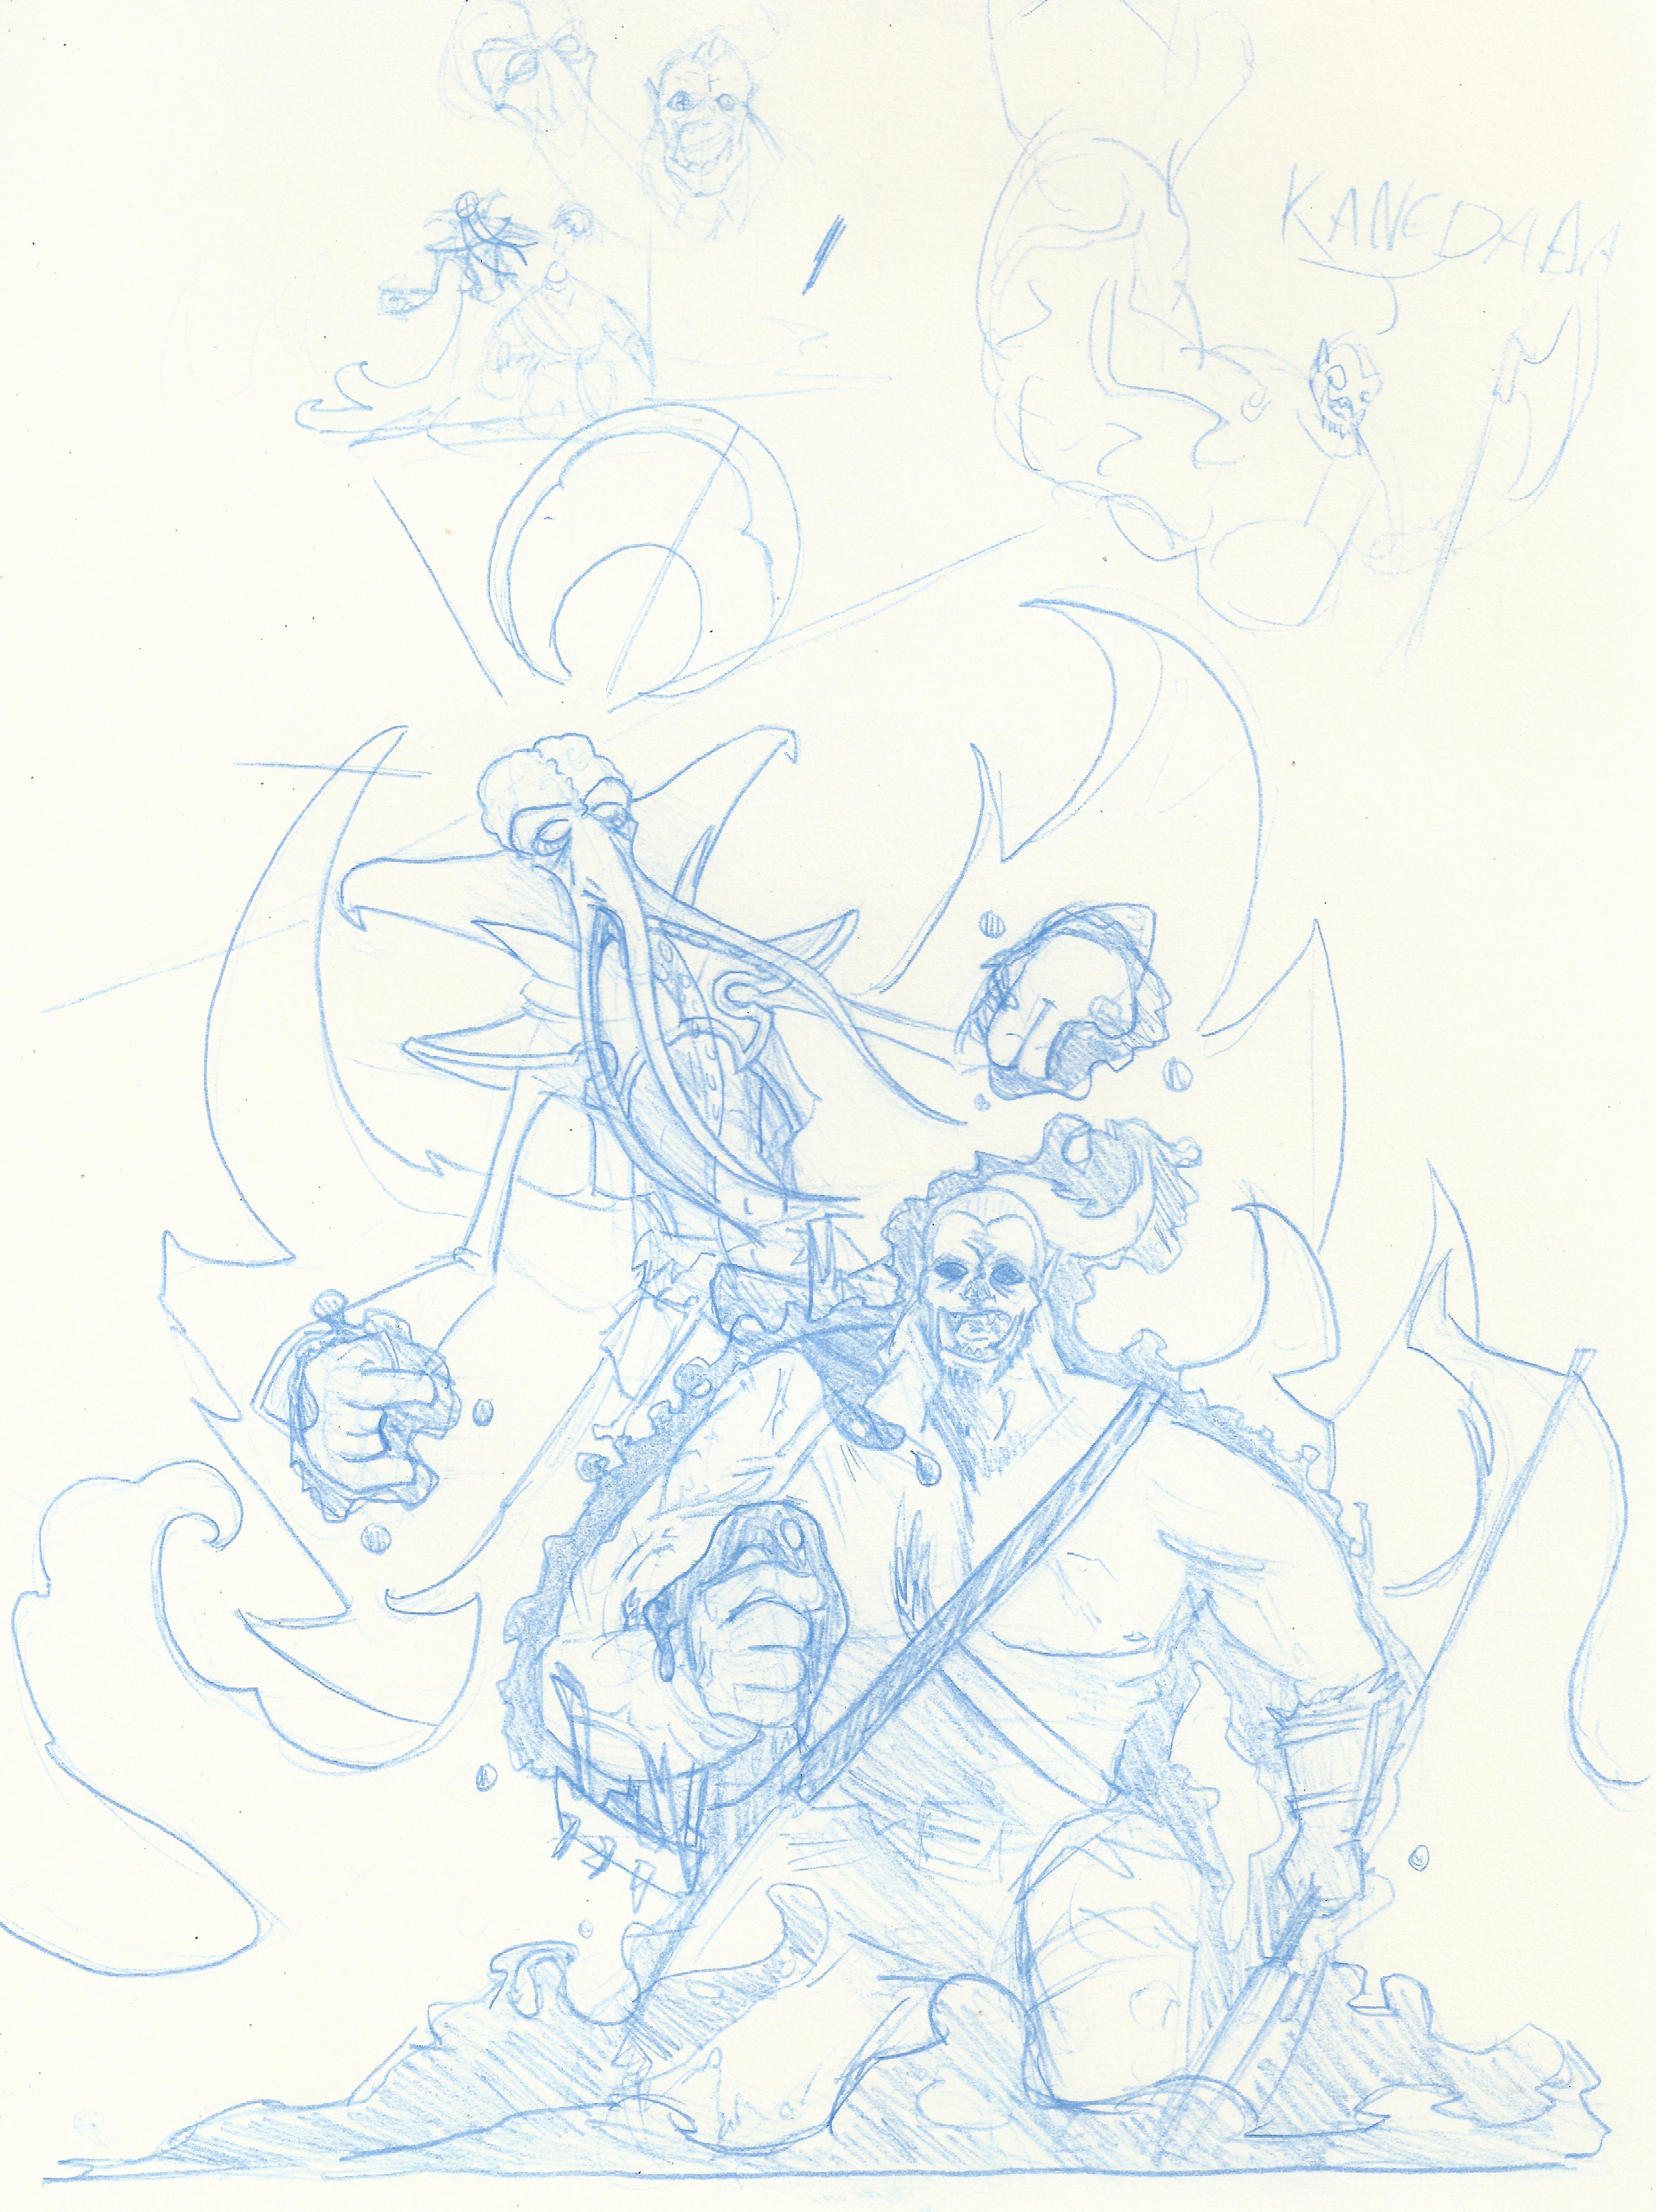 Mindflayer sketch 1